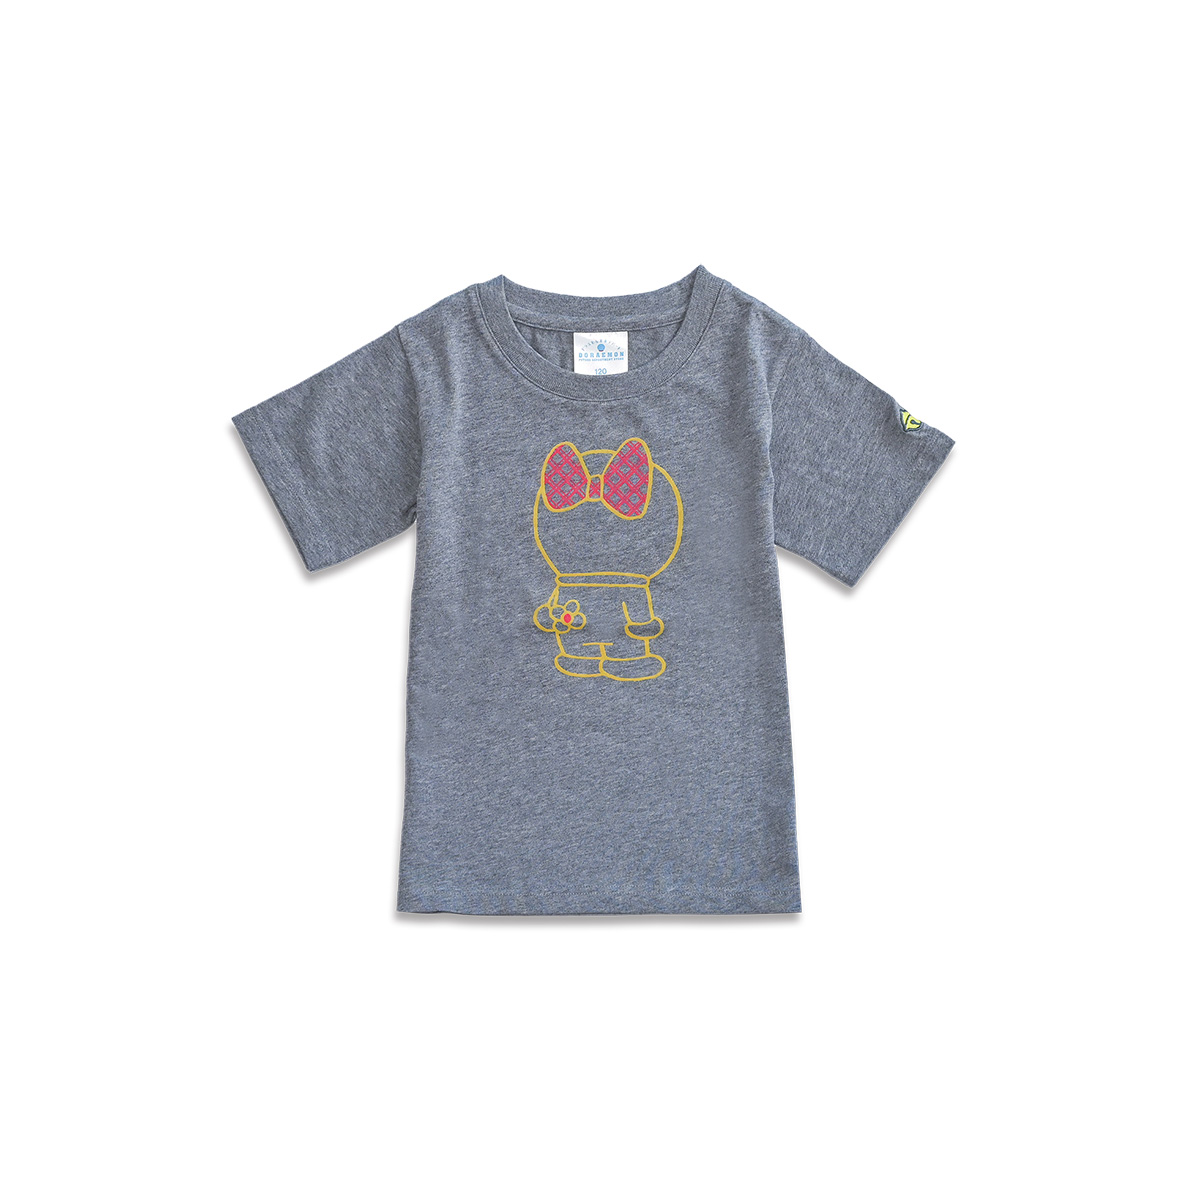 【オンライン限定】Tシャツ ドラミ後ろすがた グレー120